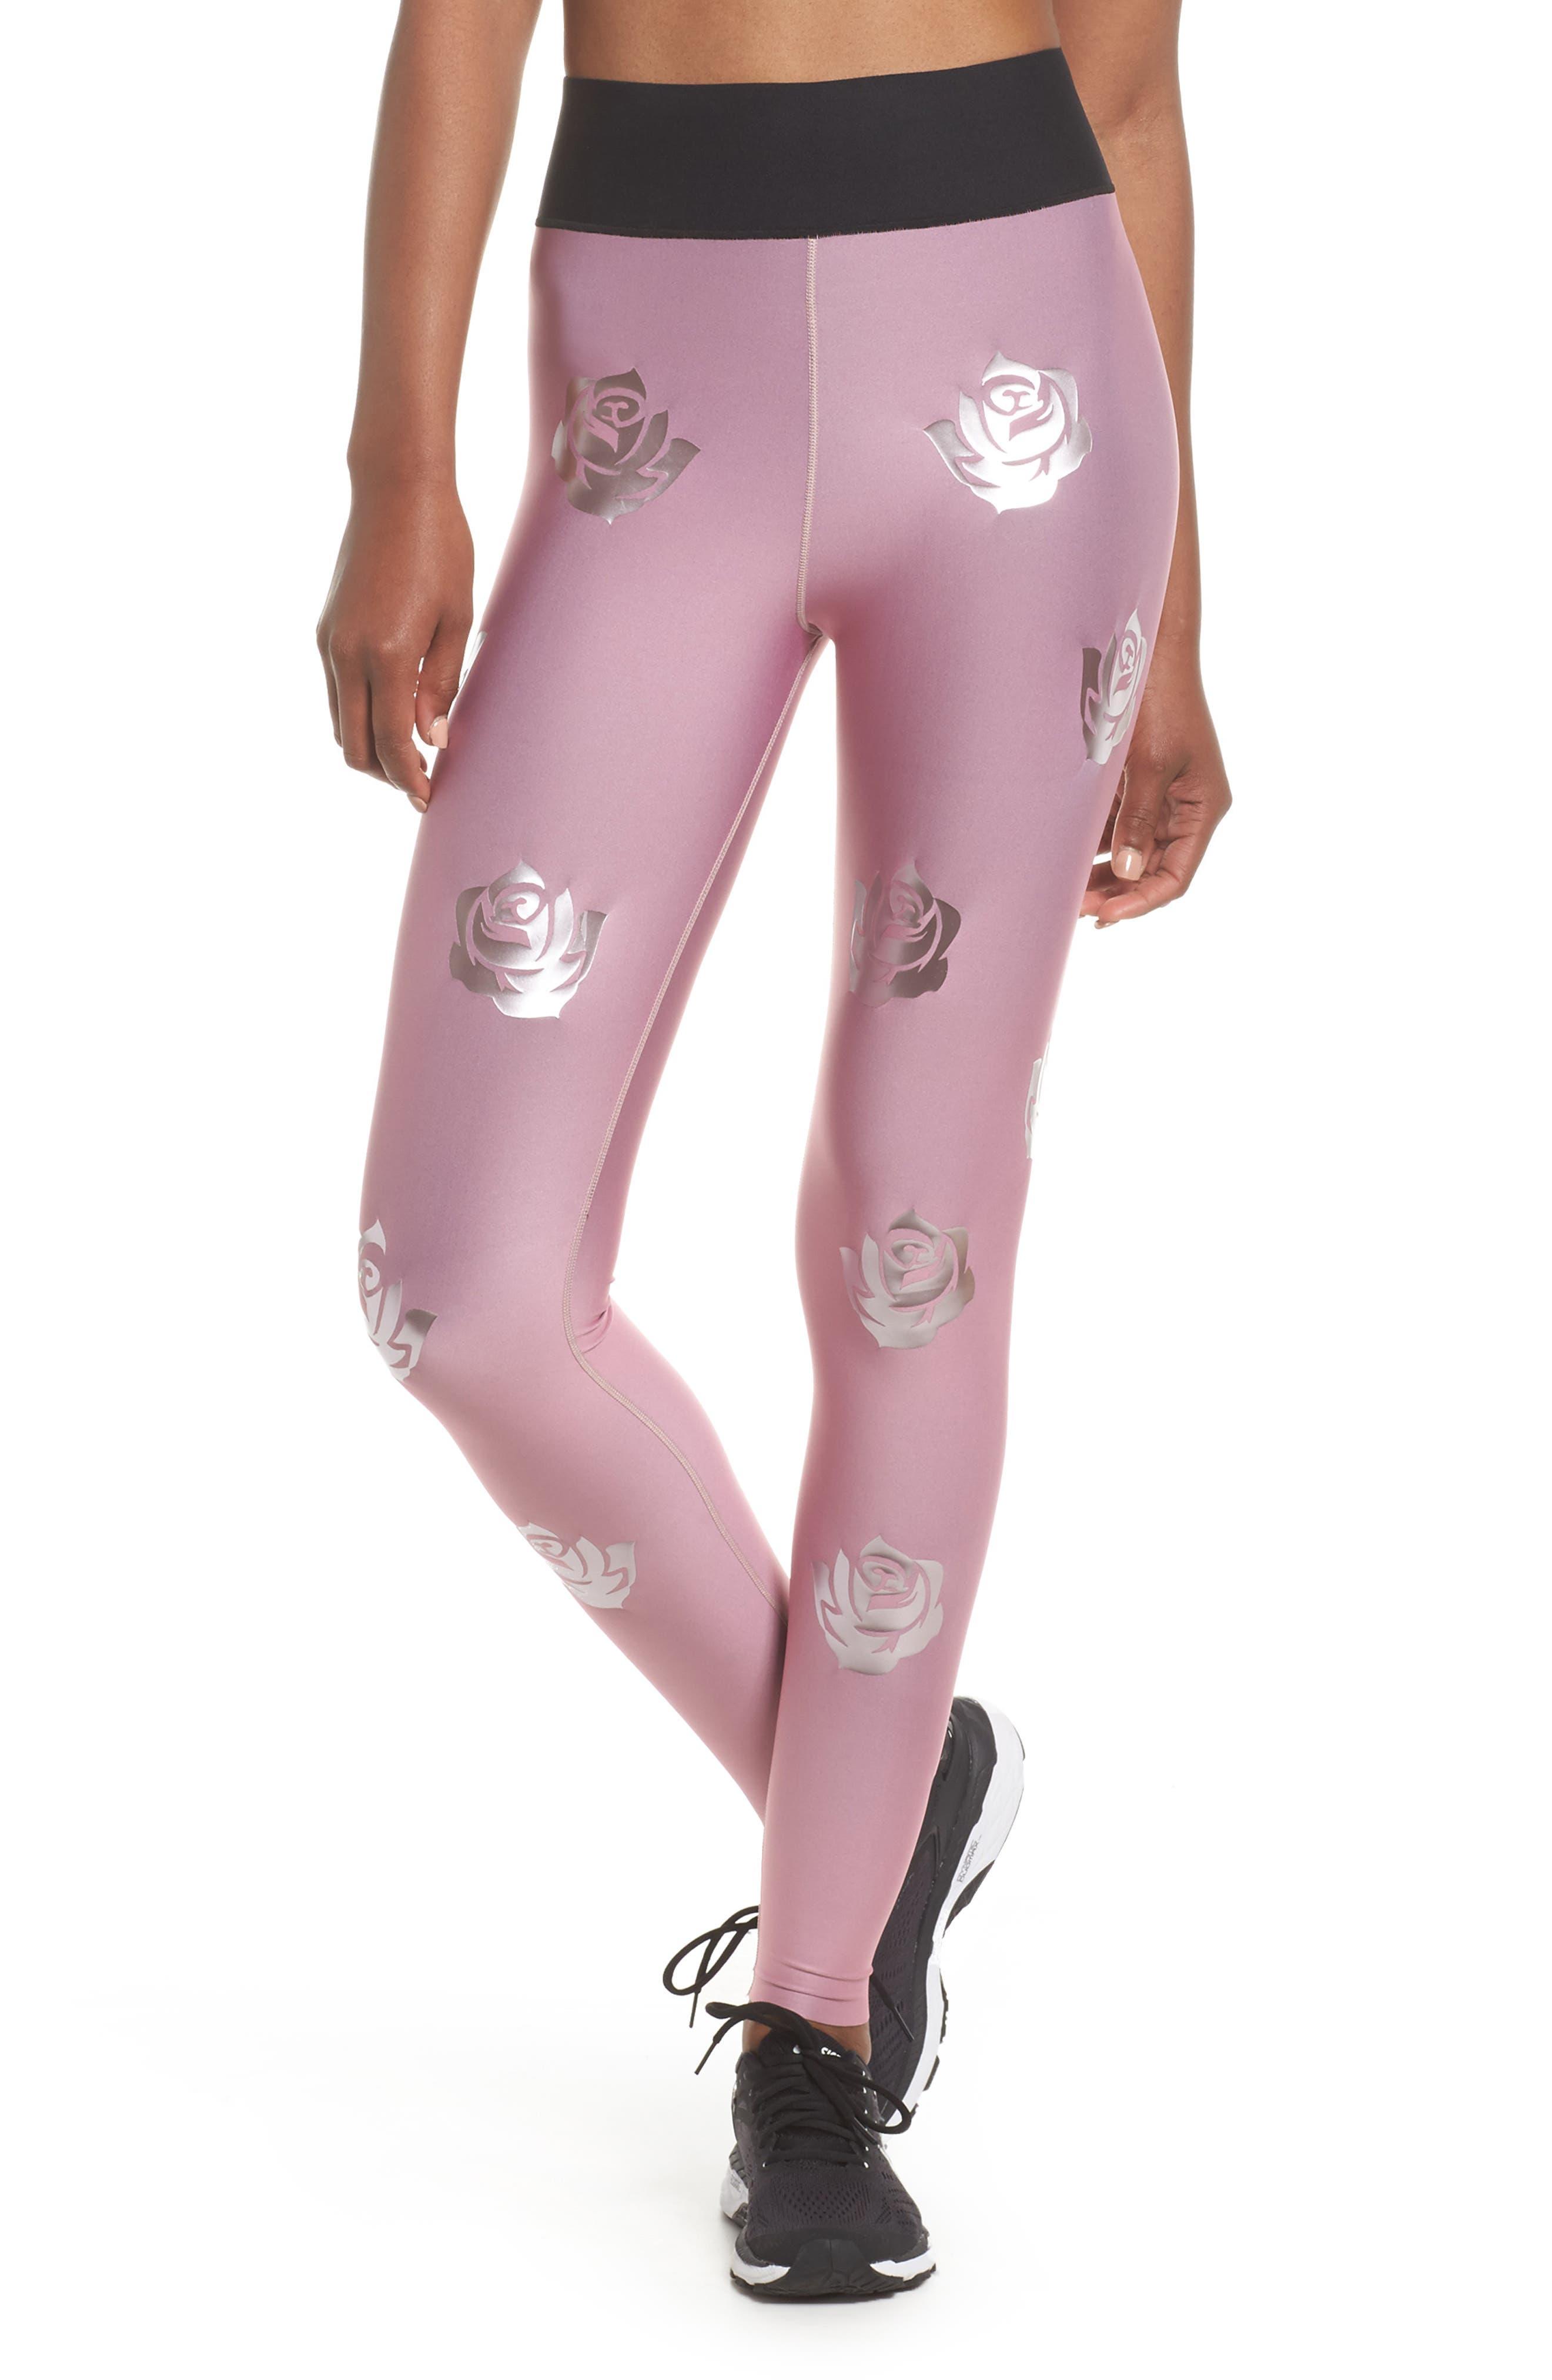 Rosette Print Ultra High Waist Leggings,                         Main,                         color, Rose